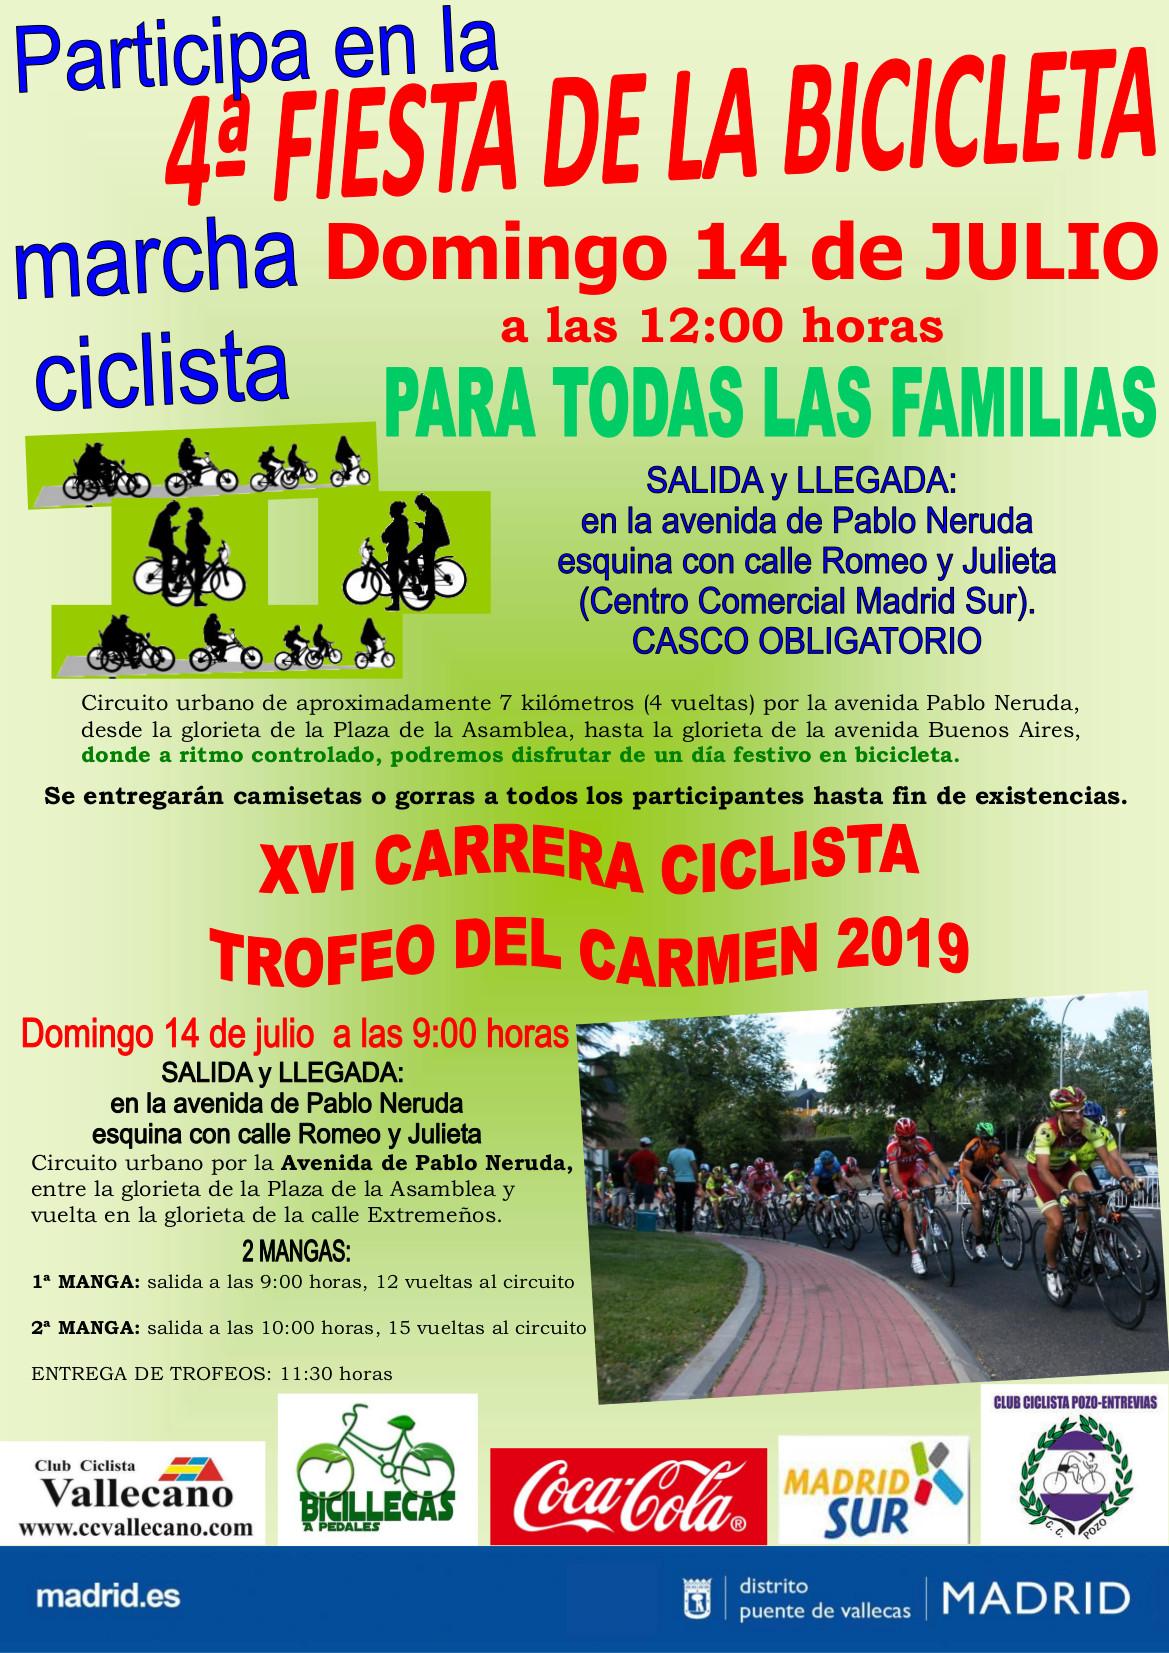 14´Julio Carrera Ciclista y Fiesta de la Bicicleta Vallecas 2019